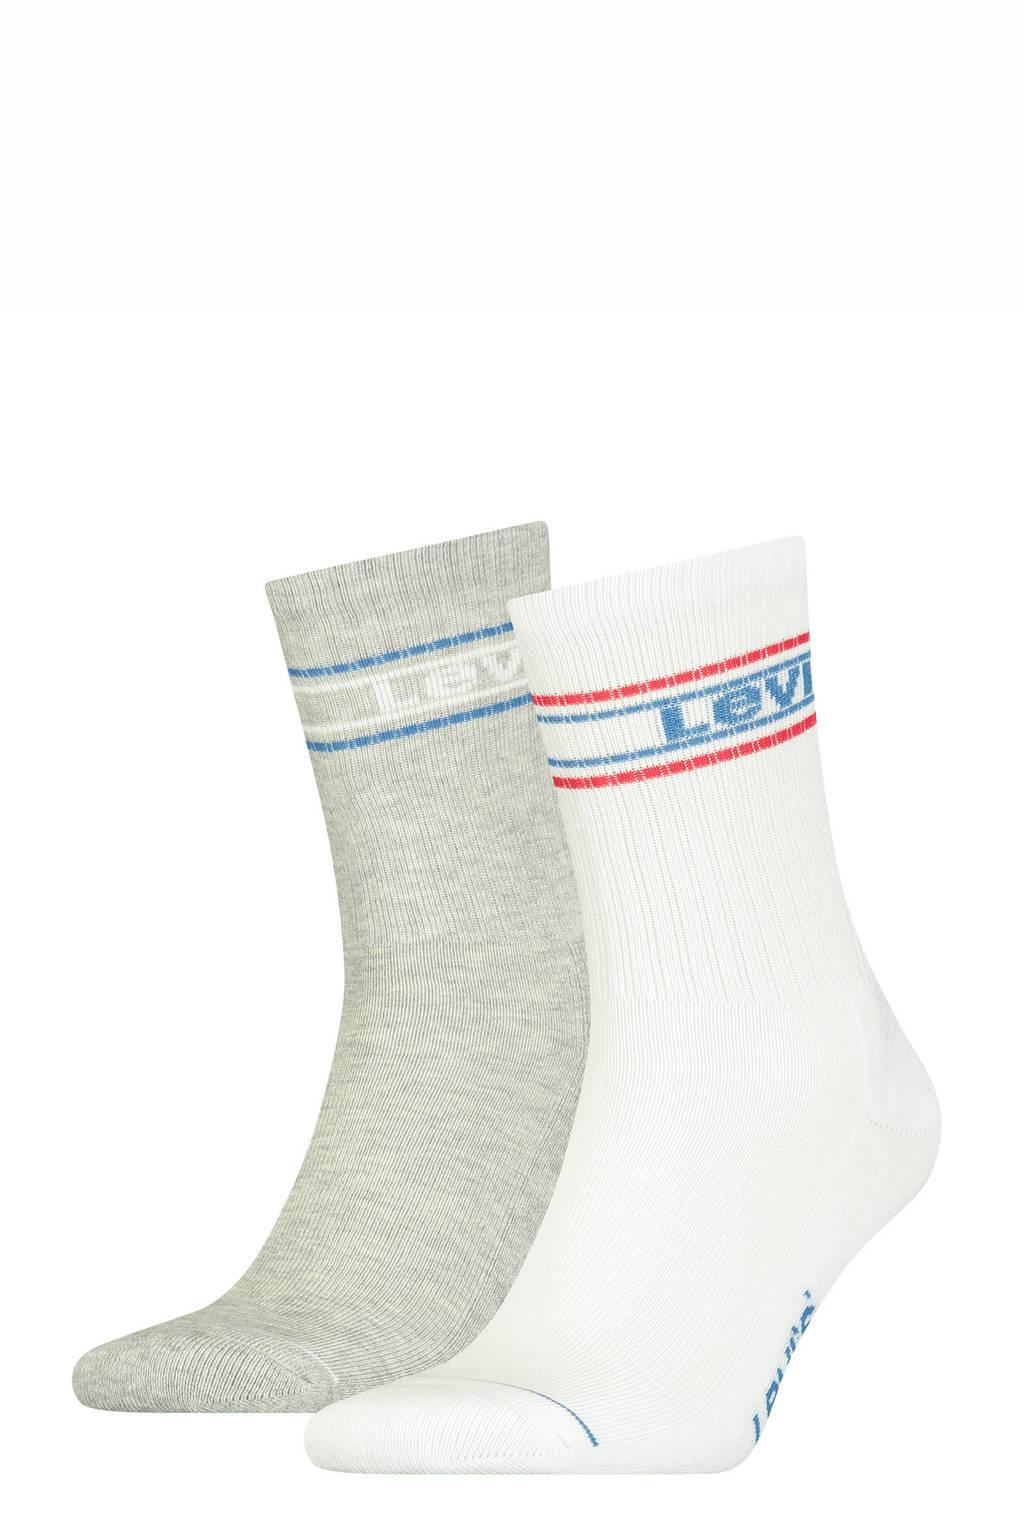 Levi's sokken - set van 2 grijs melange/wit, Grijs melange/wit